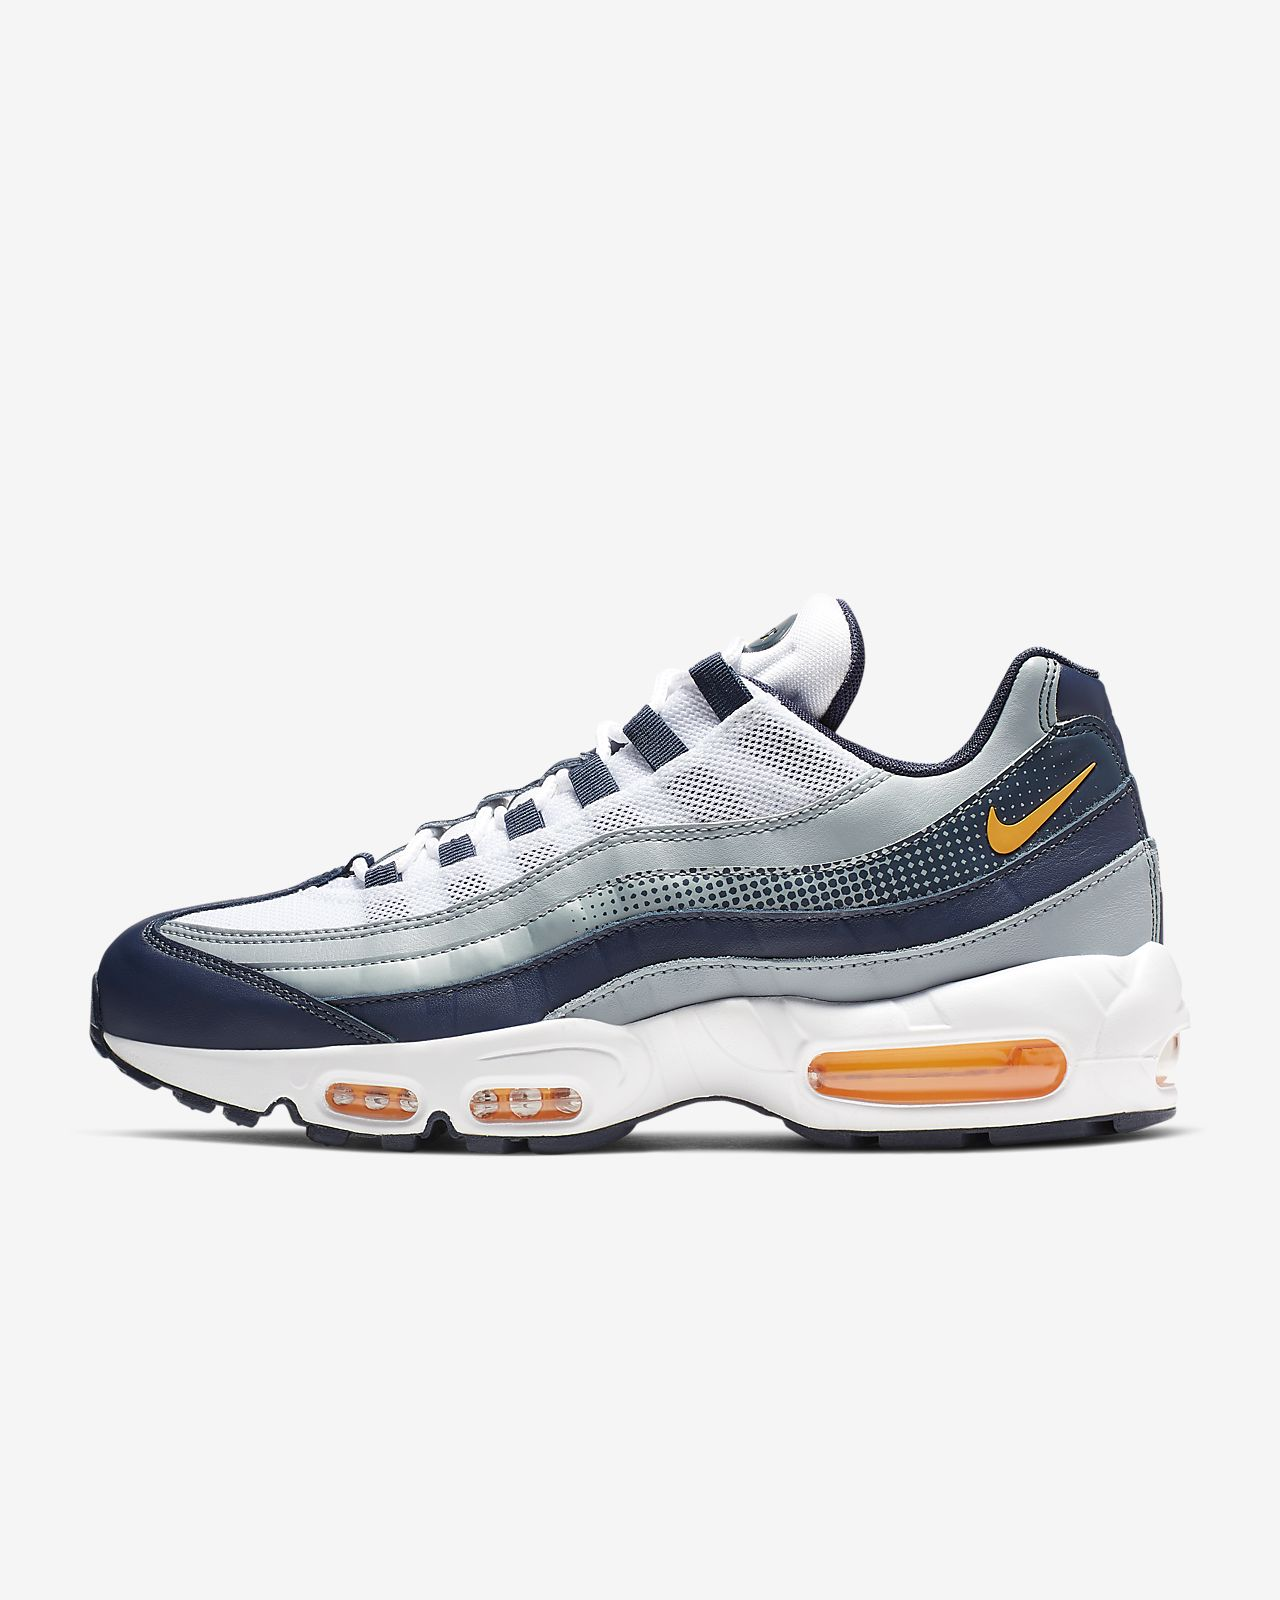 Nike Air Max 95 SE Men's Shoe